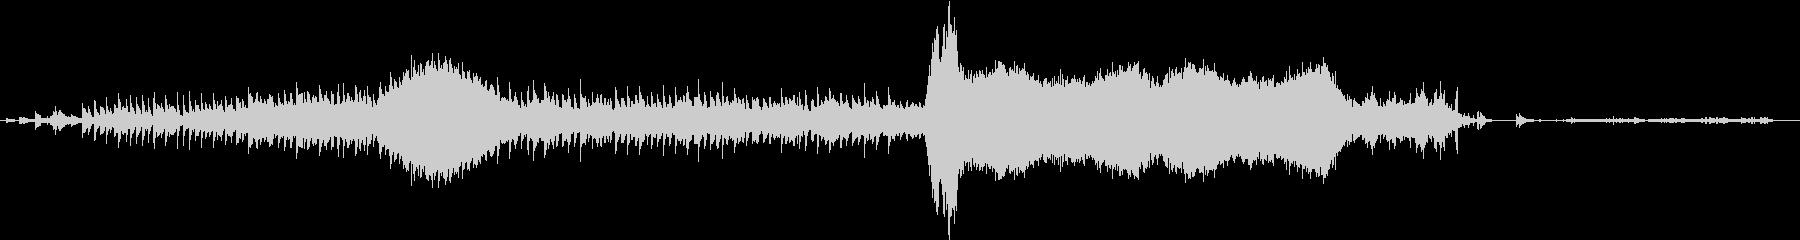 ホラー/horror/アジア寺院ループ曲の未再生の波形